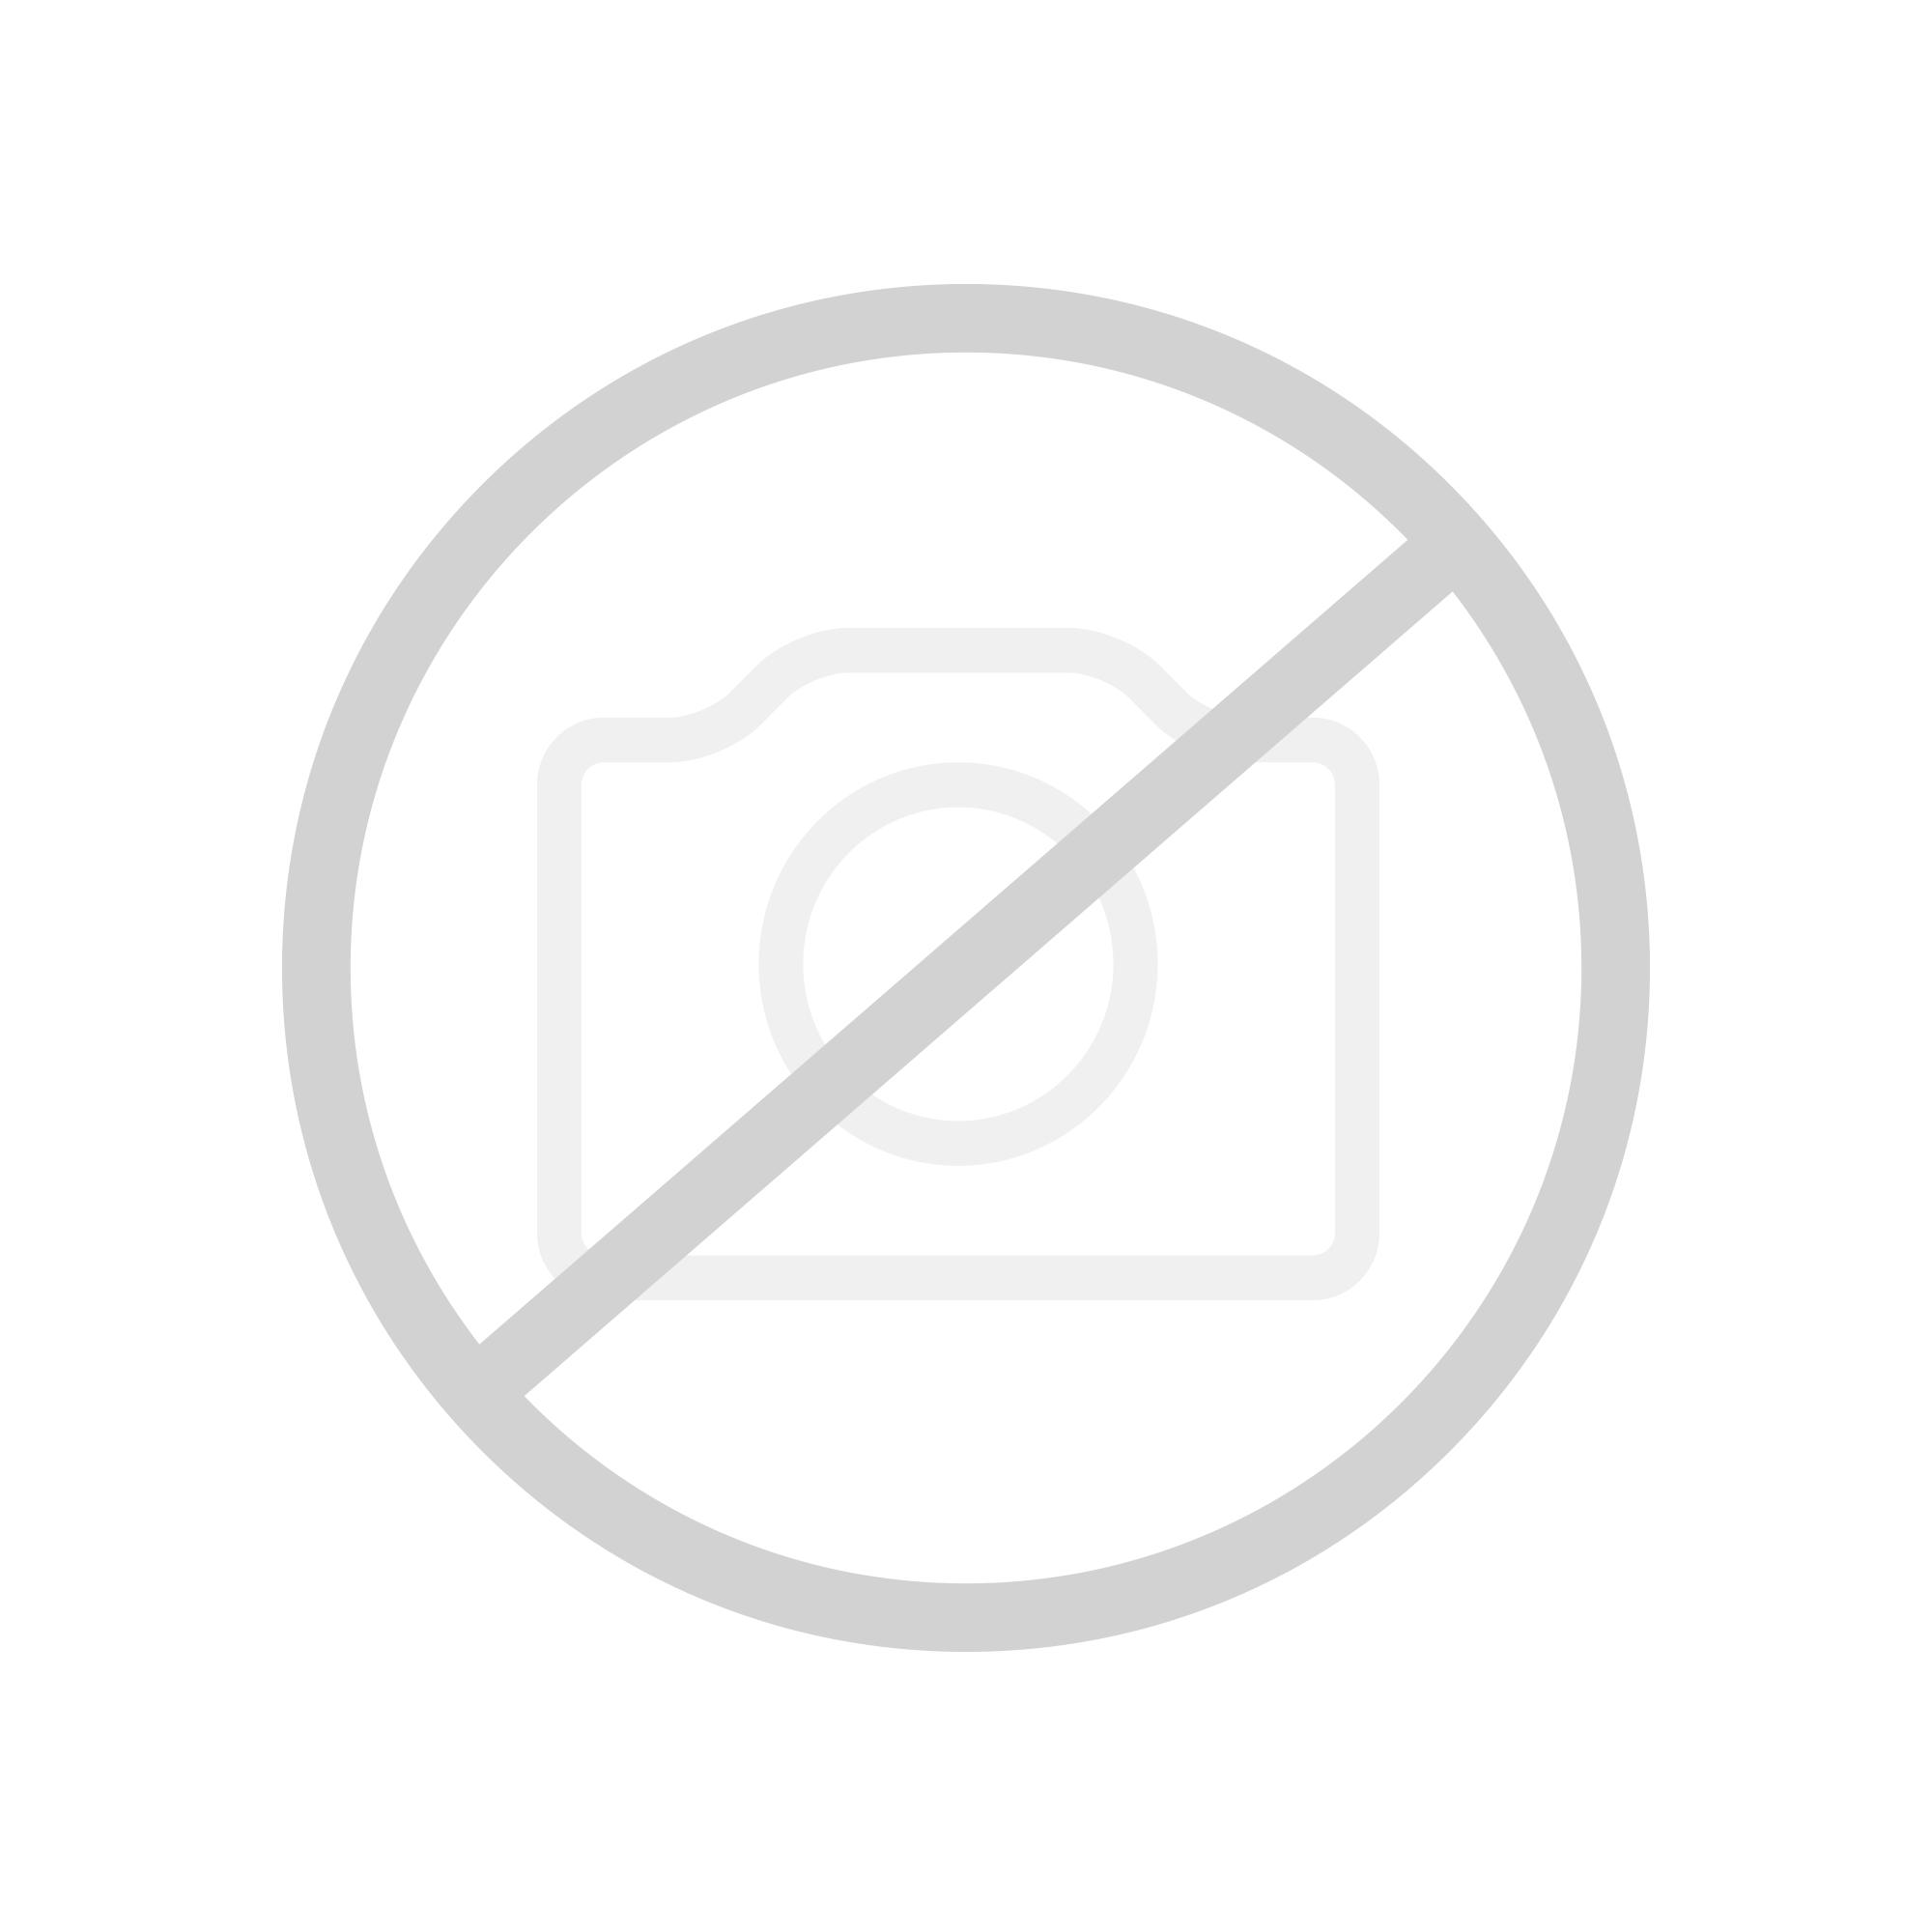 antoniolupi TENDER bodenstehender Waschtisch weiß matt